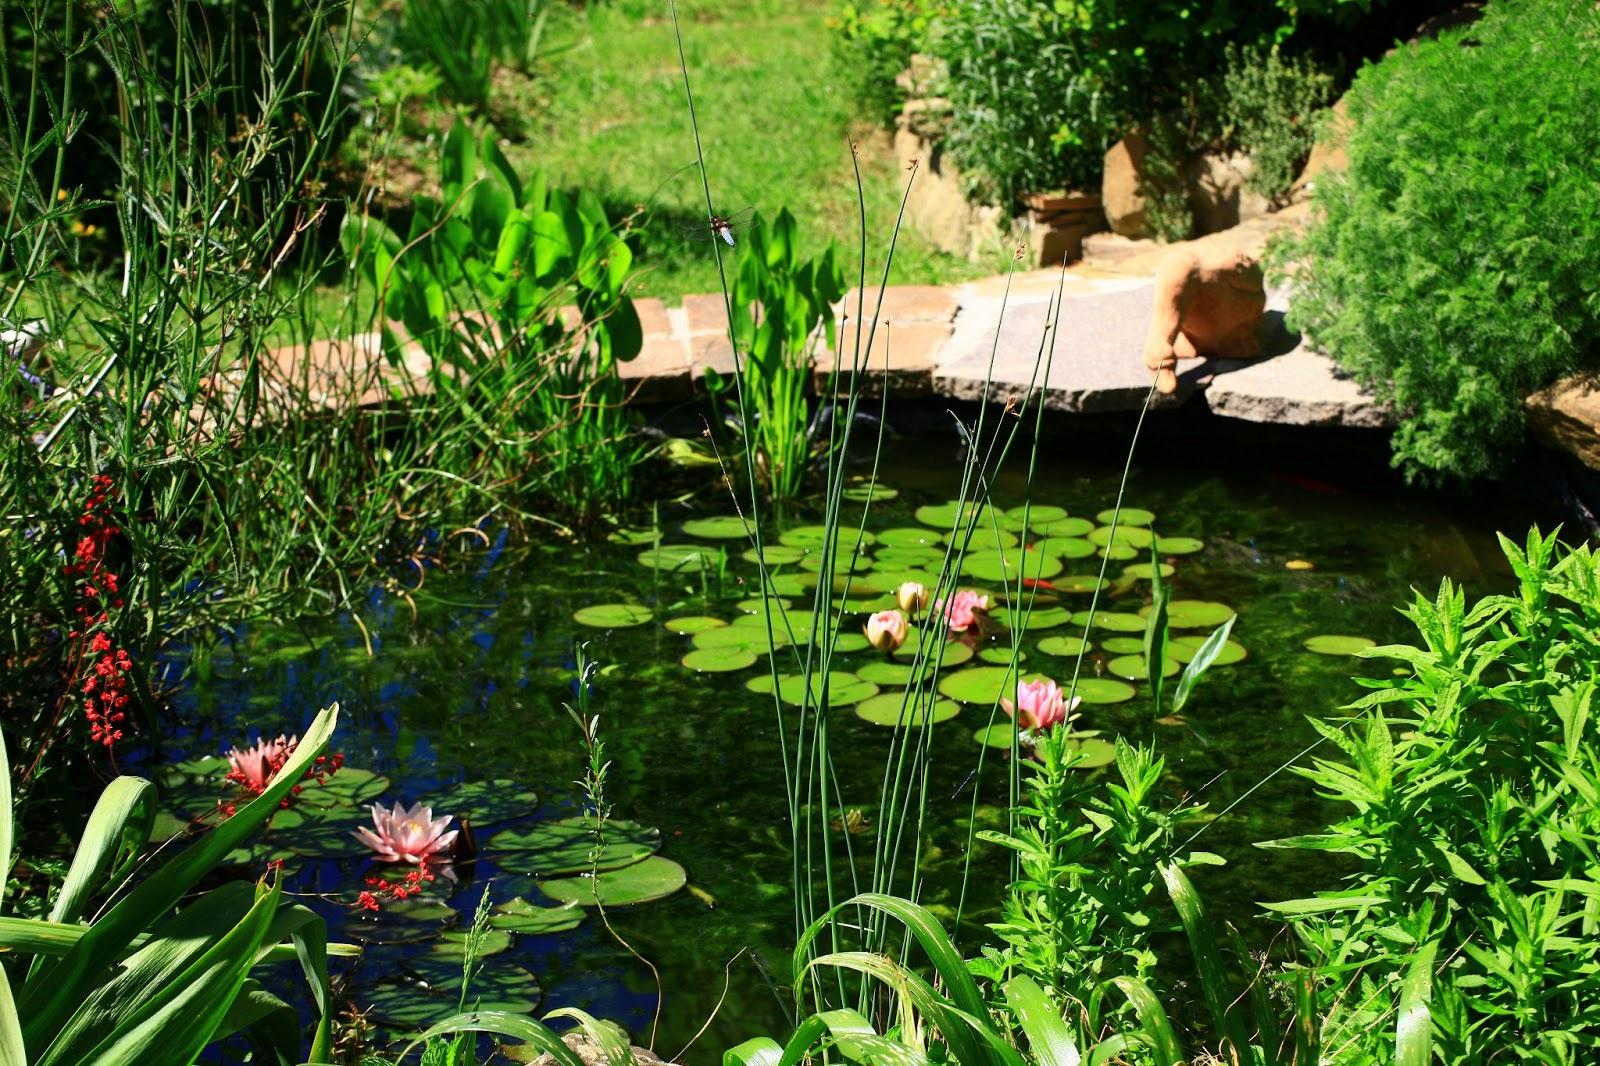 Iris libellule un giro intorno e dentro il laghetto for Piante da laghetto ossigenanti